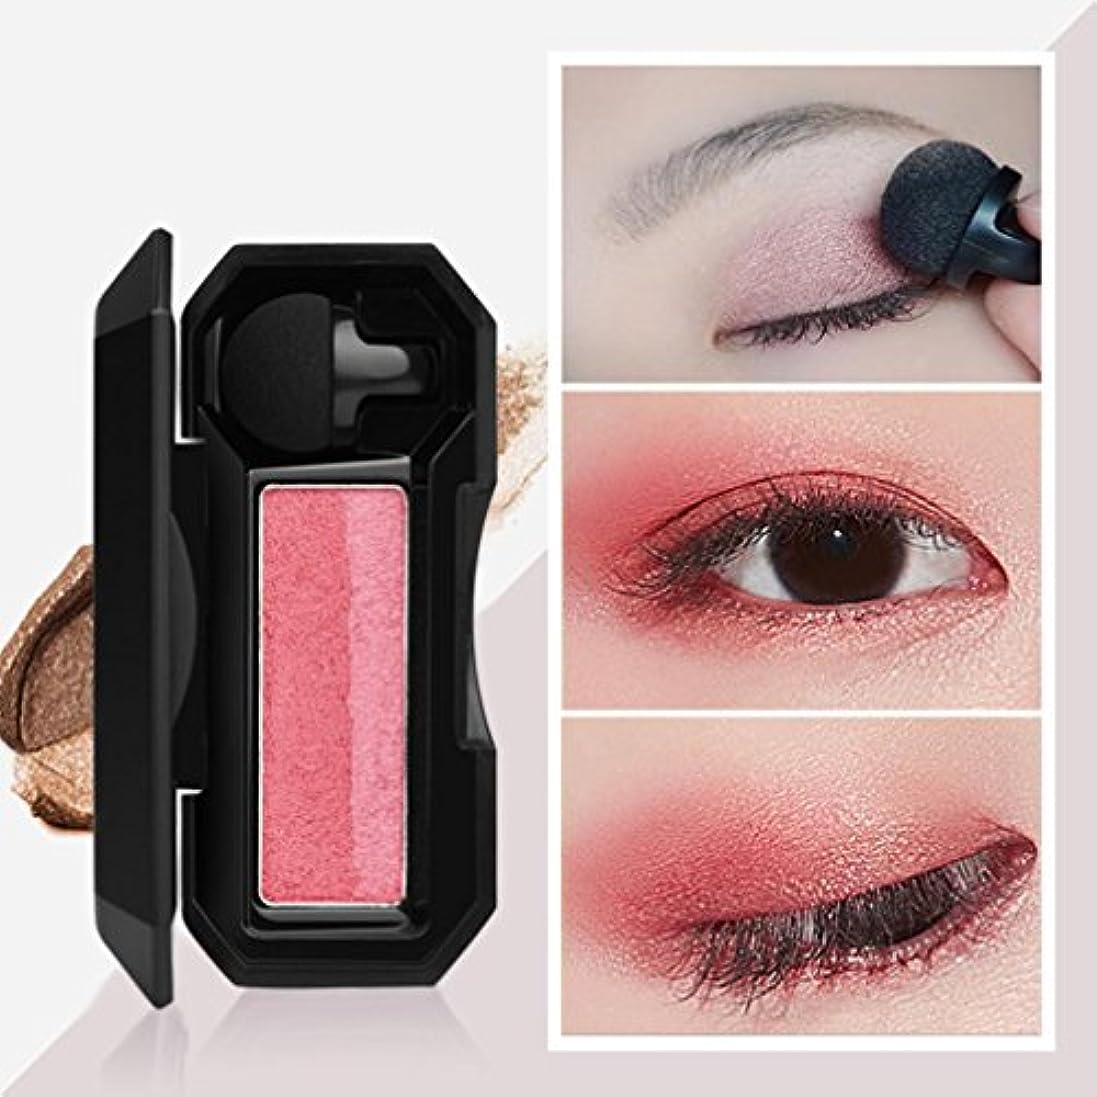 眩惑するみがきますキャラバンビューティー アイシャドー BOBOGOJP 女性 2色 可愛い デザイン ミニスタンプアイシャドーパレット 携帯便利 極め細かい 化粧パウダー 持続性 スモーキーメイク (21A)